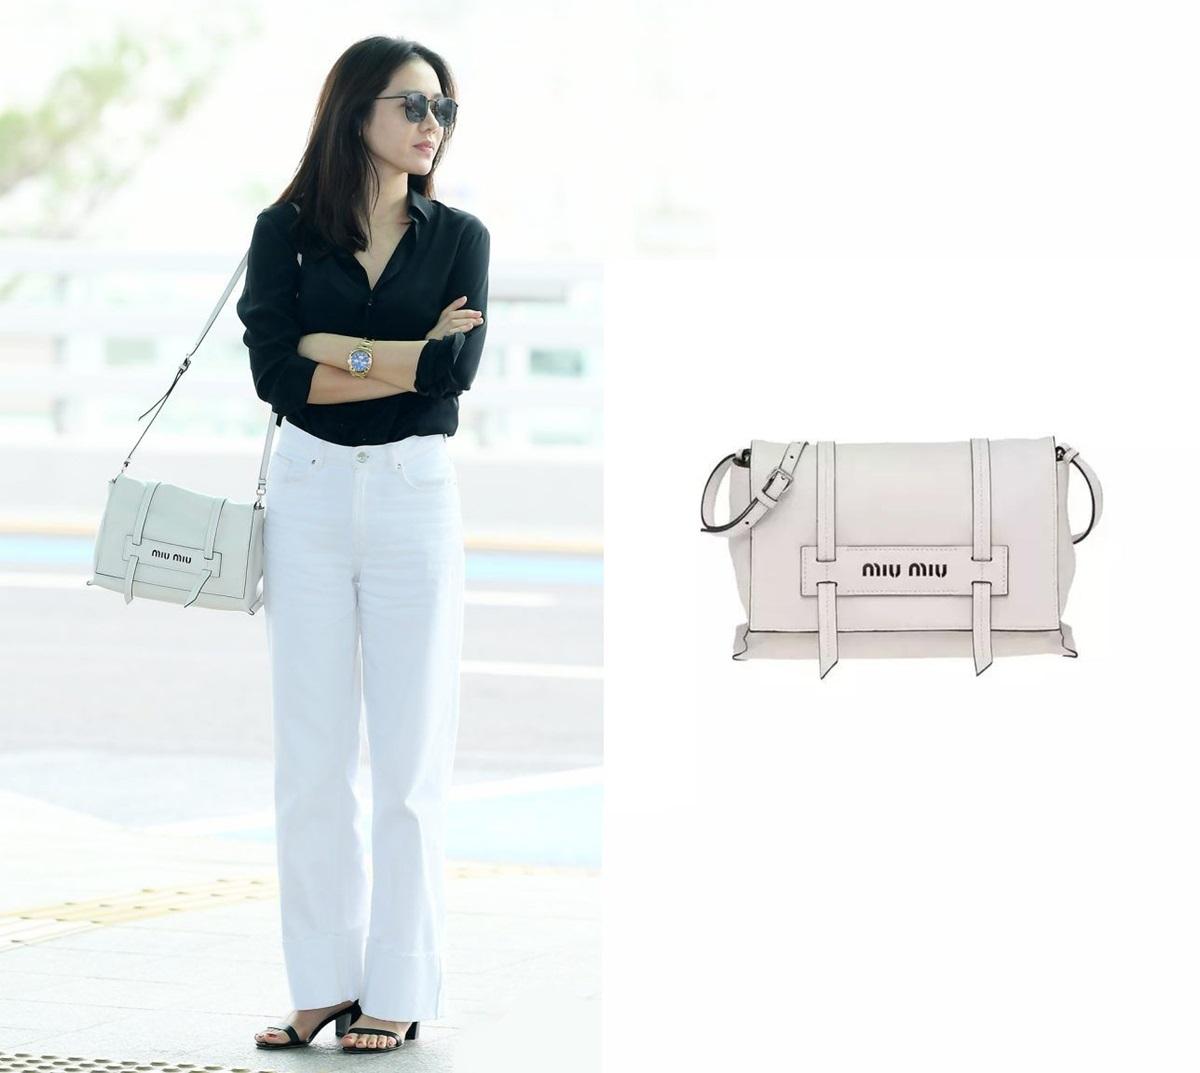 Truyền thông châu Á khen cô thanh lịch khi mix quần ống rộng và sơ mi đen, túi xách Miu Miu giá 1.420 USD hài hòa với tông trắng - đen của set đồ.